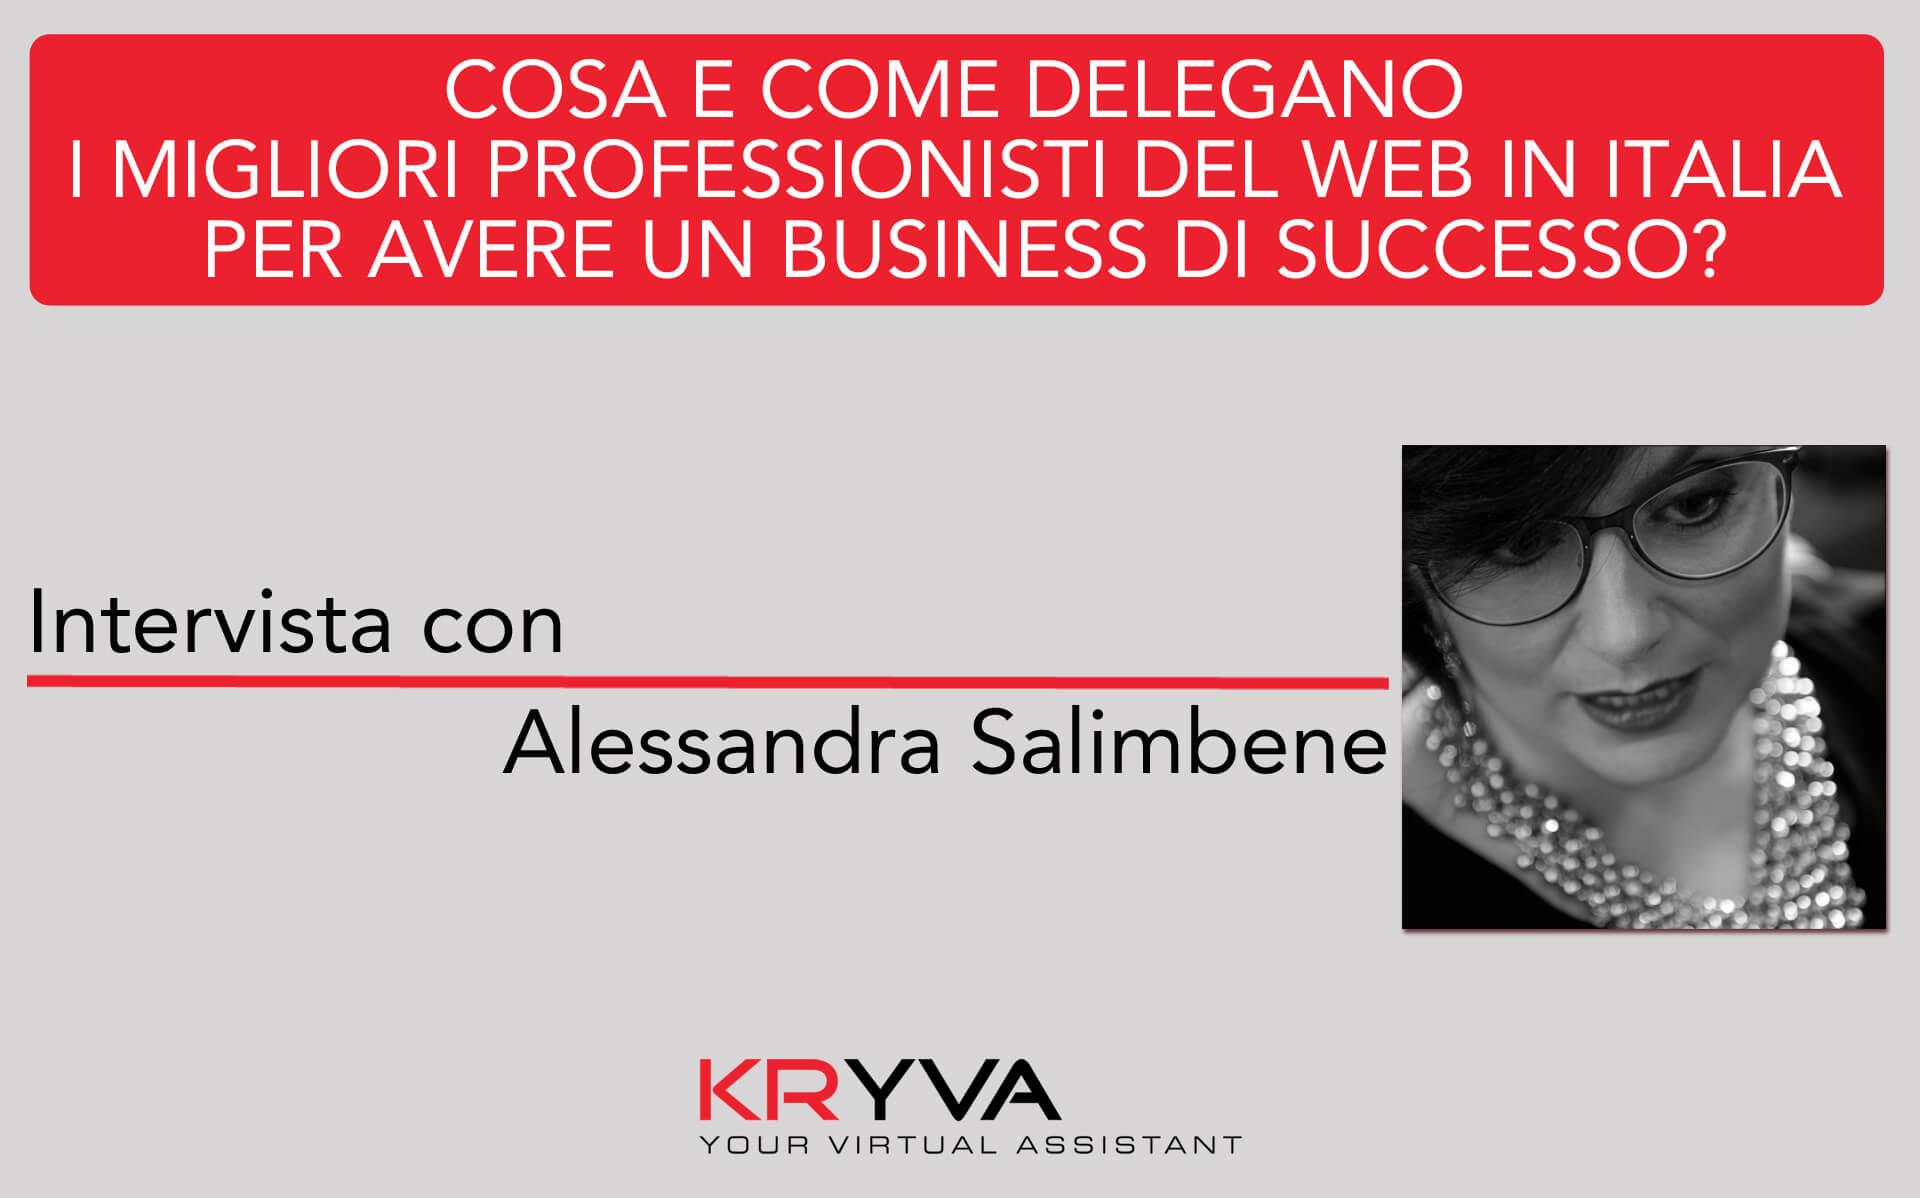 Sentirsi felice e crescere professionalmente delegando- Intervista con Alessandra Salimbene